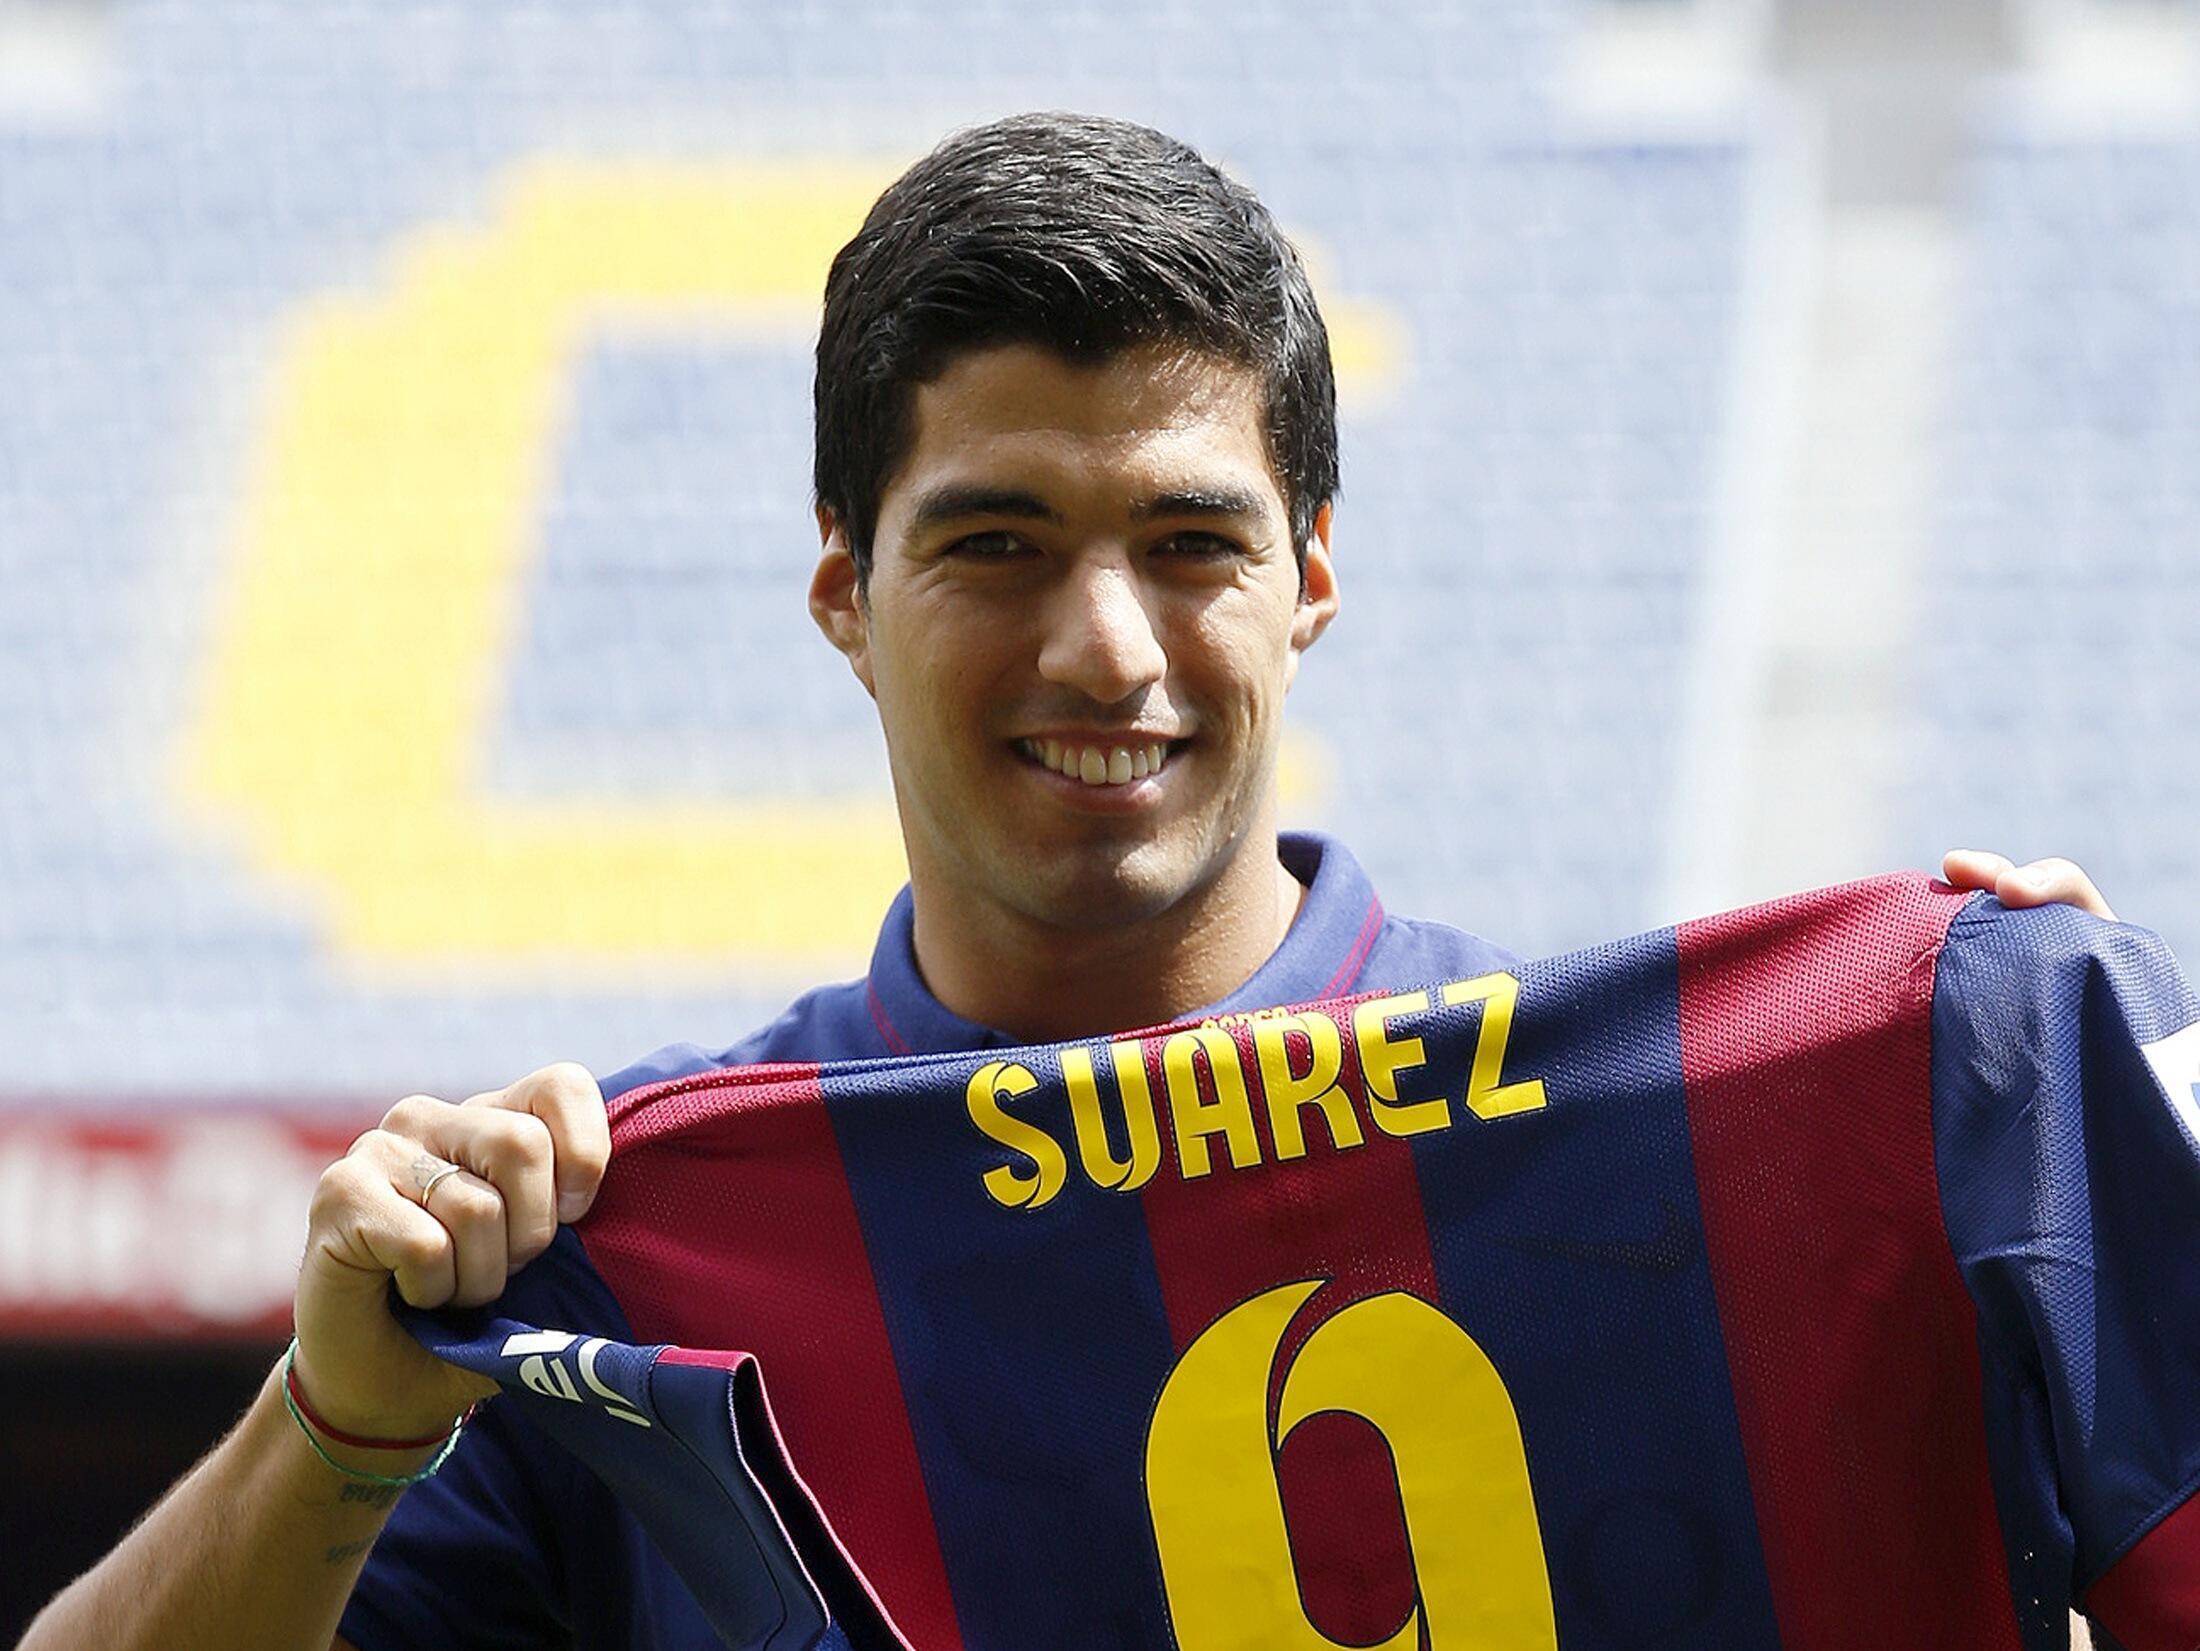 Luis Suárez, Dan wasan da Barcelona ta saya daga Liverpool a bana.